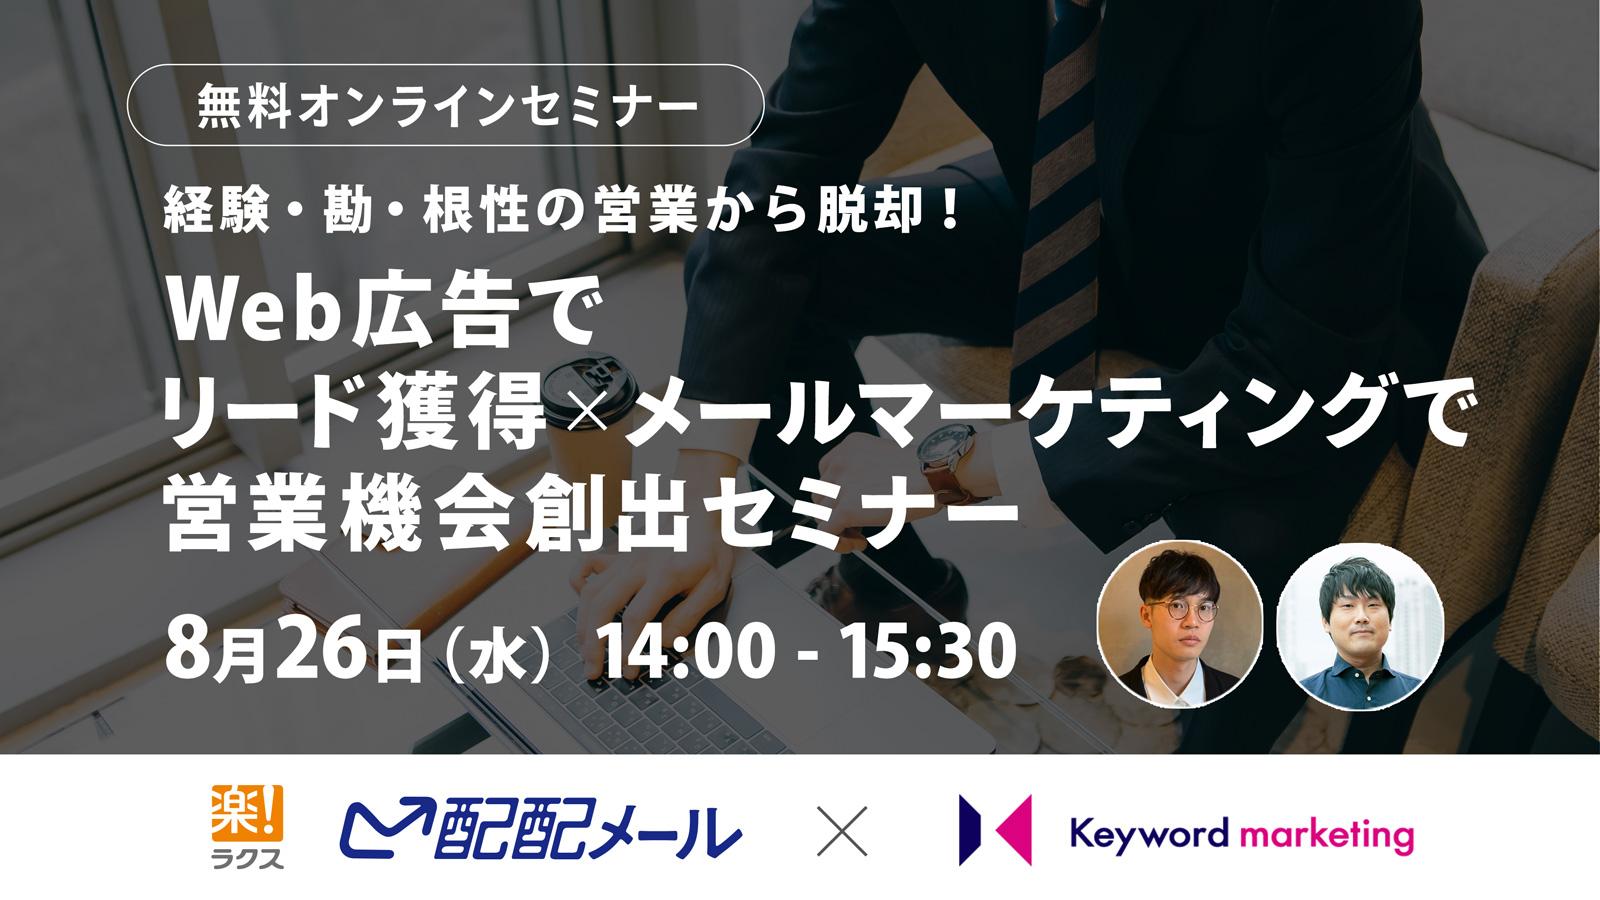 8月26日(水)開催/経験・勘・根性の営業から脱却!Web広告でリード獲得×メールマーケティングで営業機会創出セミナー